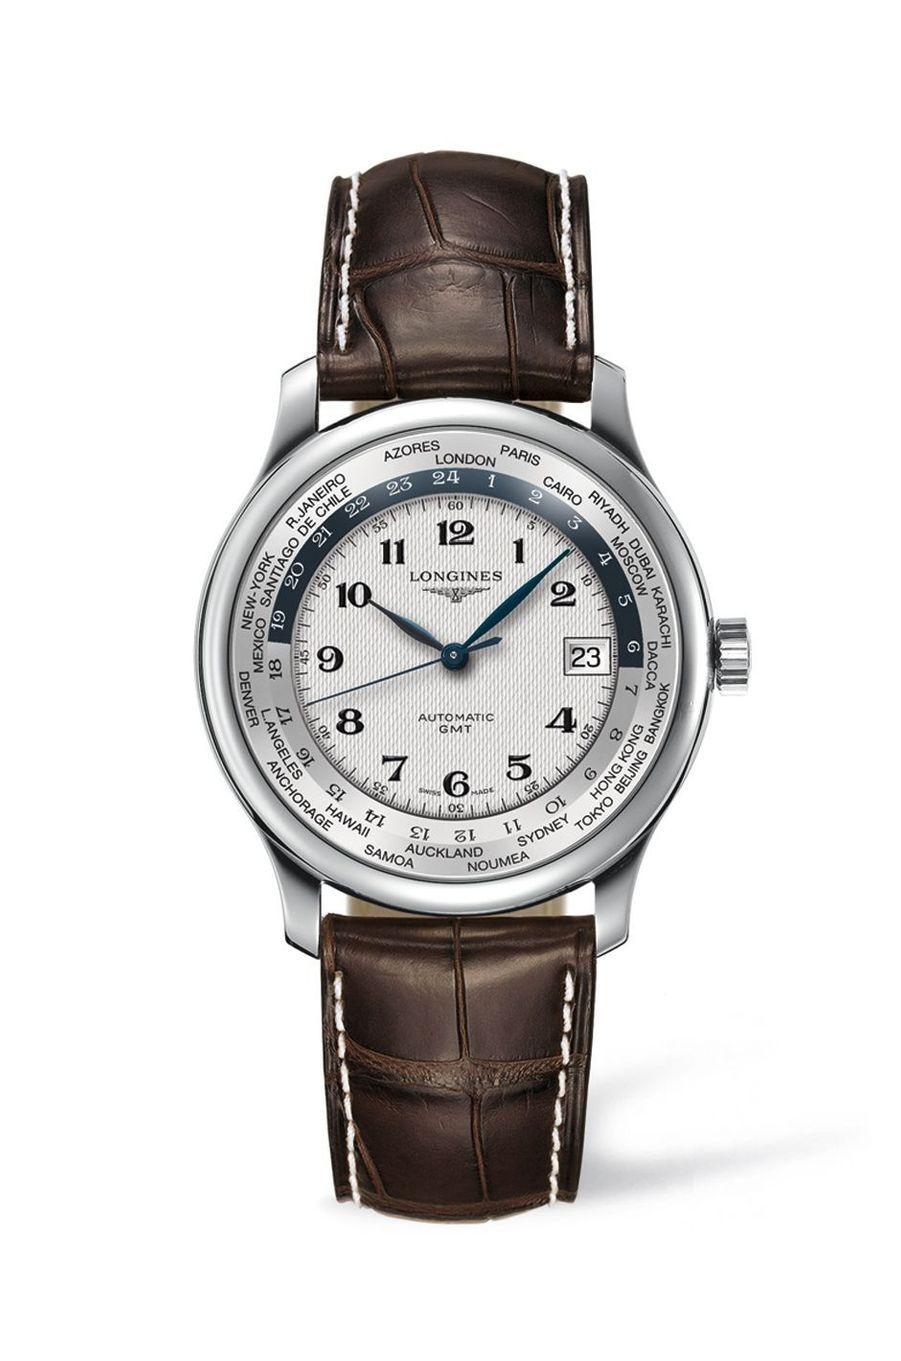 Master Collection GMT en acier, mouvement automatique, bracelet en alligator, 1 960 €. Longines.